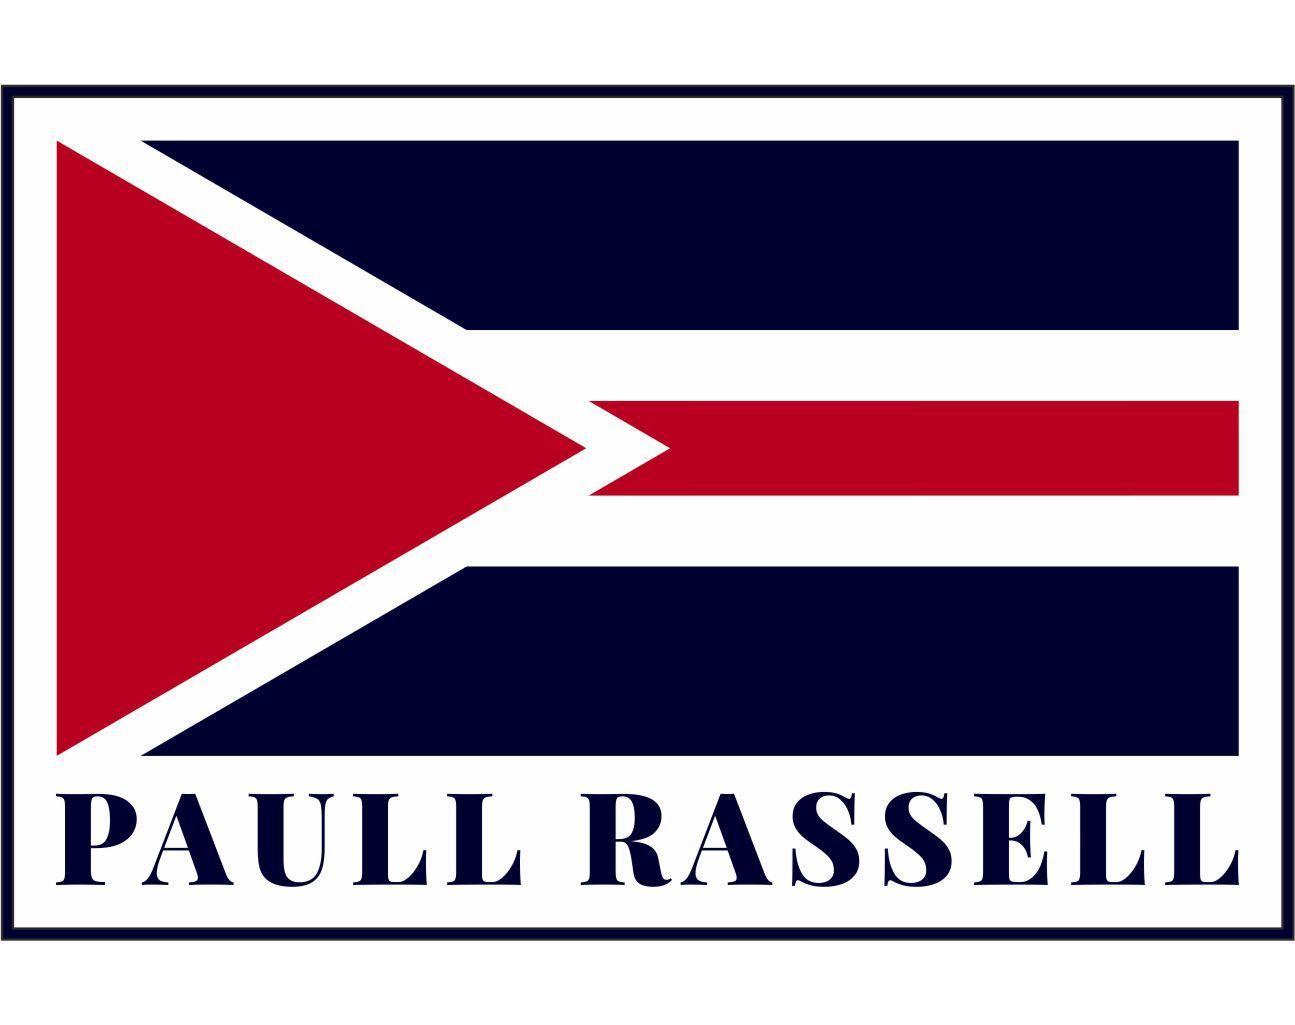 Paull Rassell